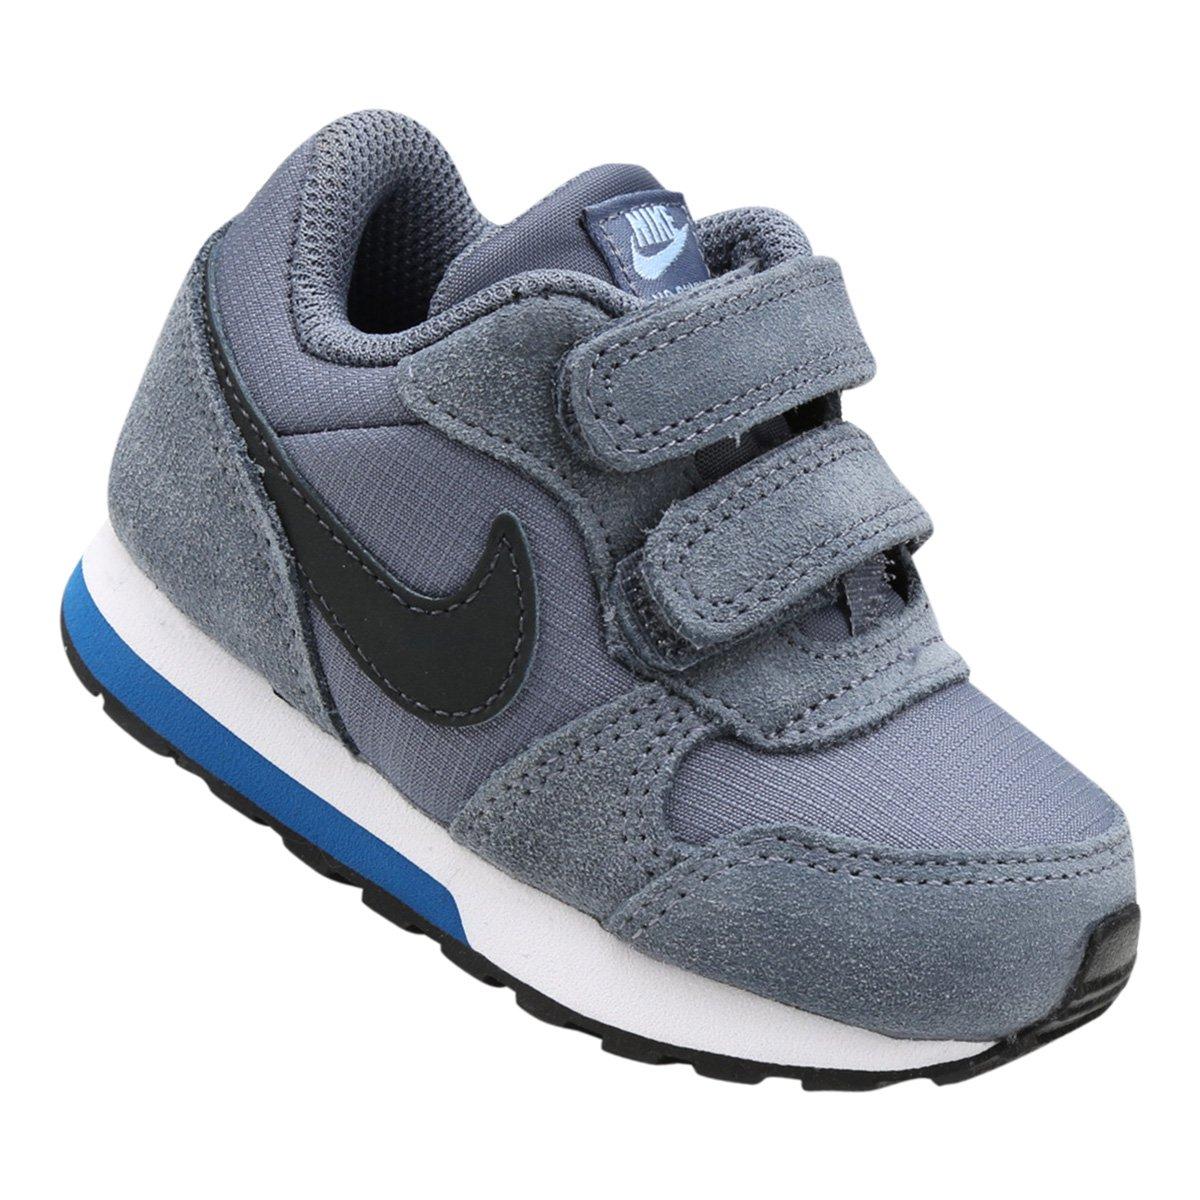 Tênis Infantil Nike Mid Runner 2 - Azul Claro e Preto - Compre Agora ... c82e65d21c5eb